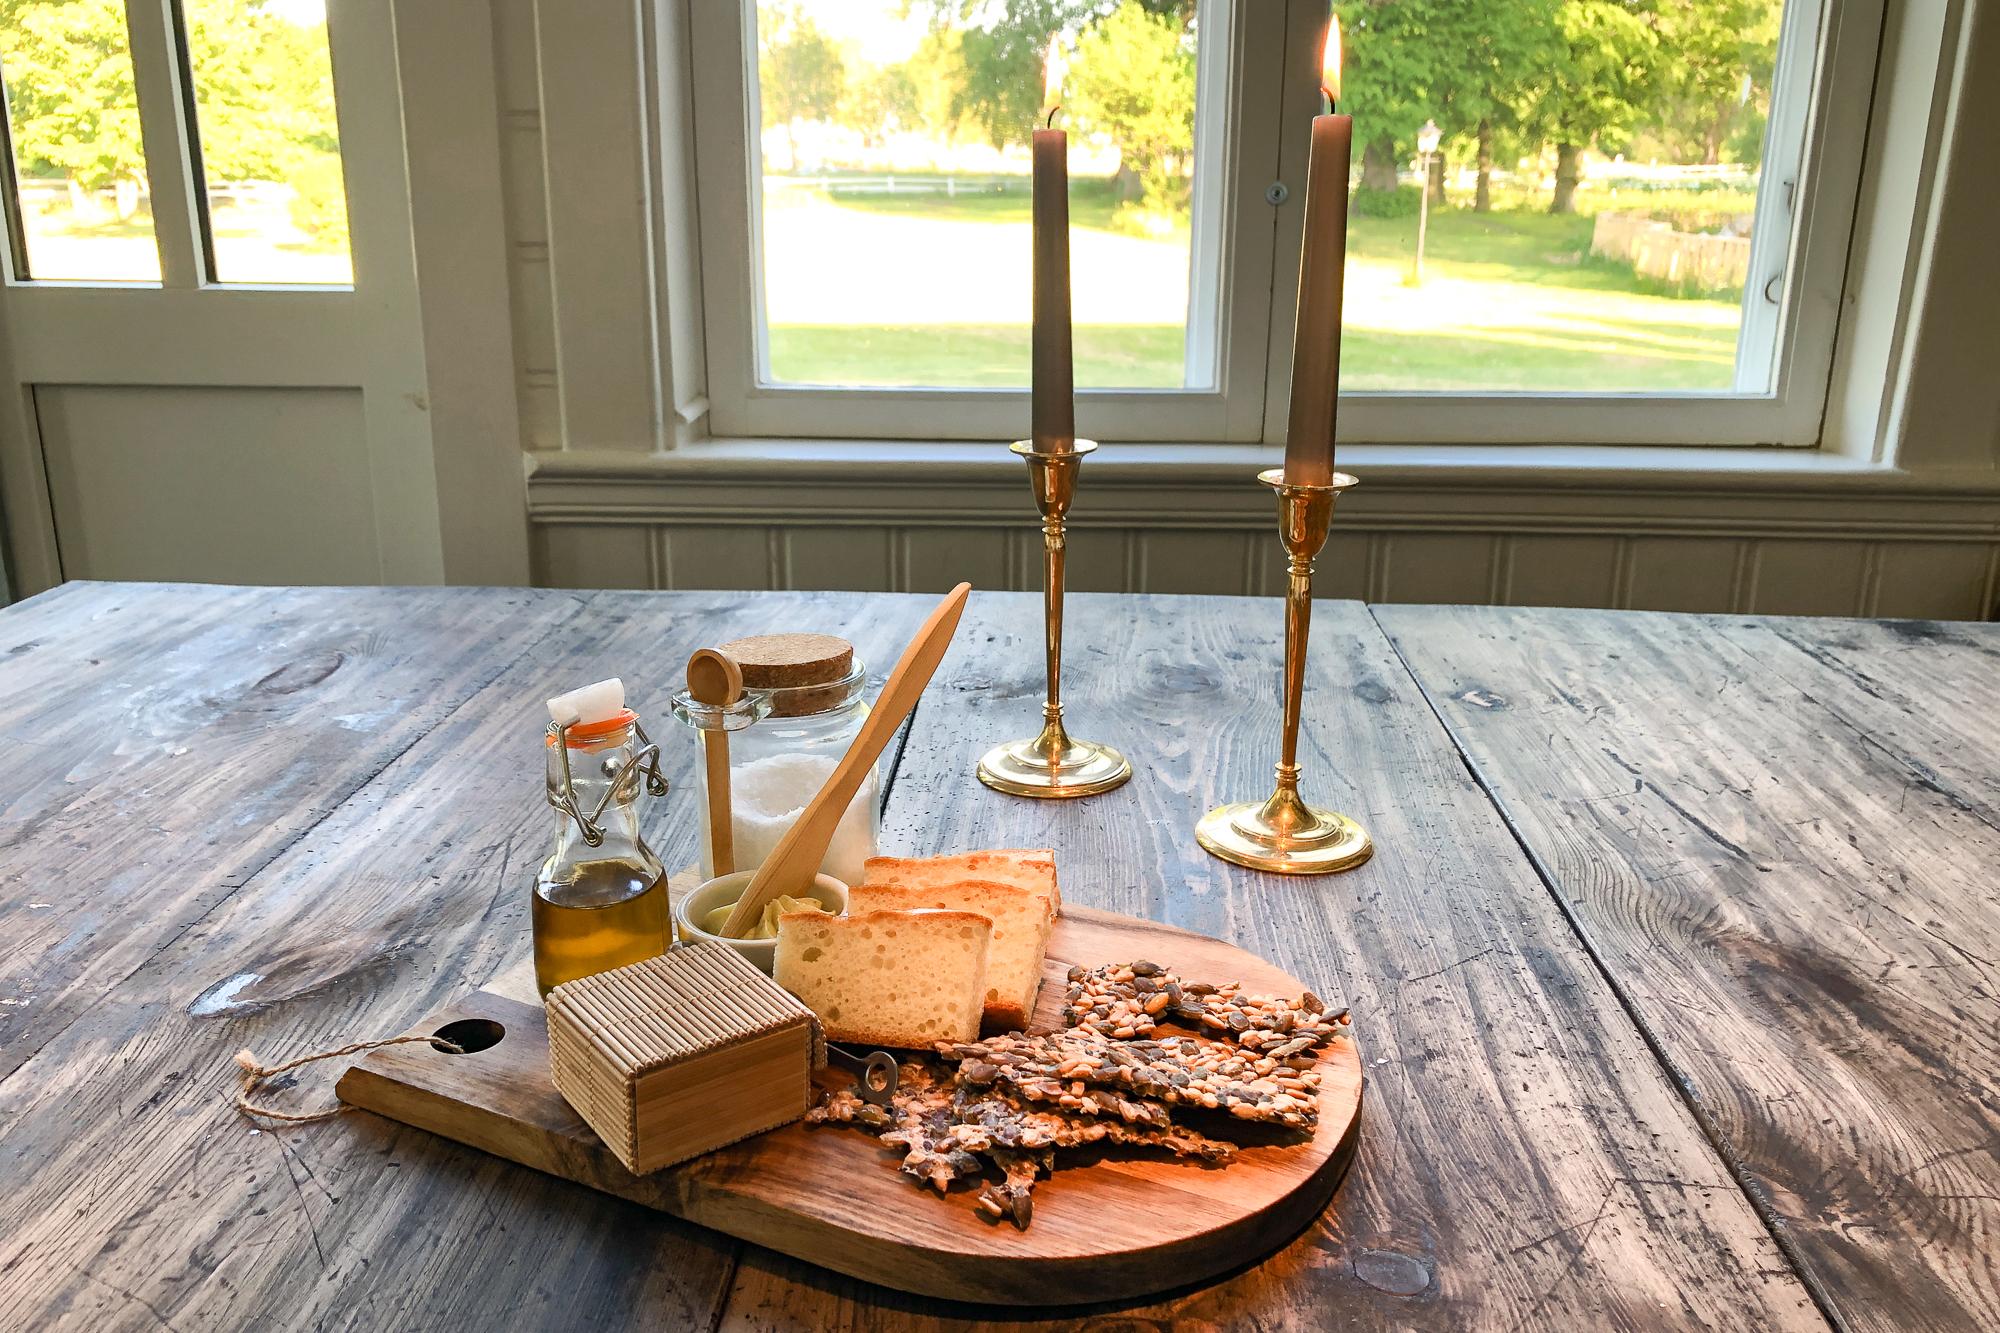 Träbricka med smör och smör med ljusstakar i bakgrunden.